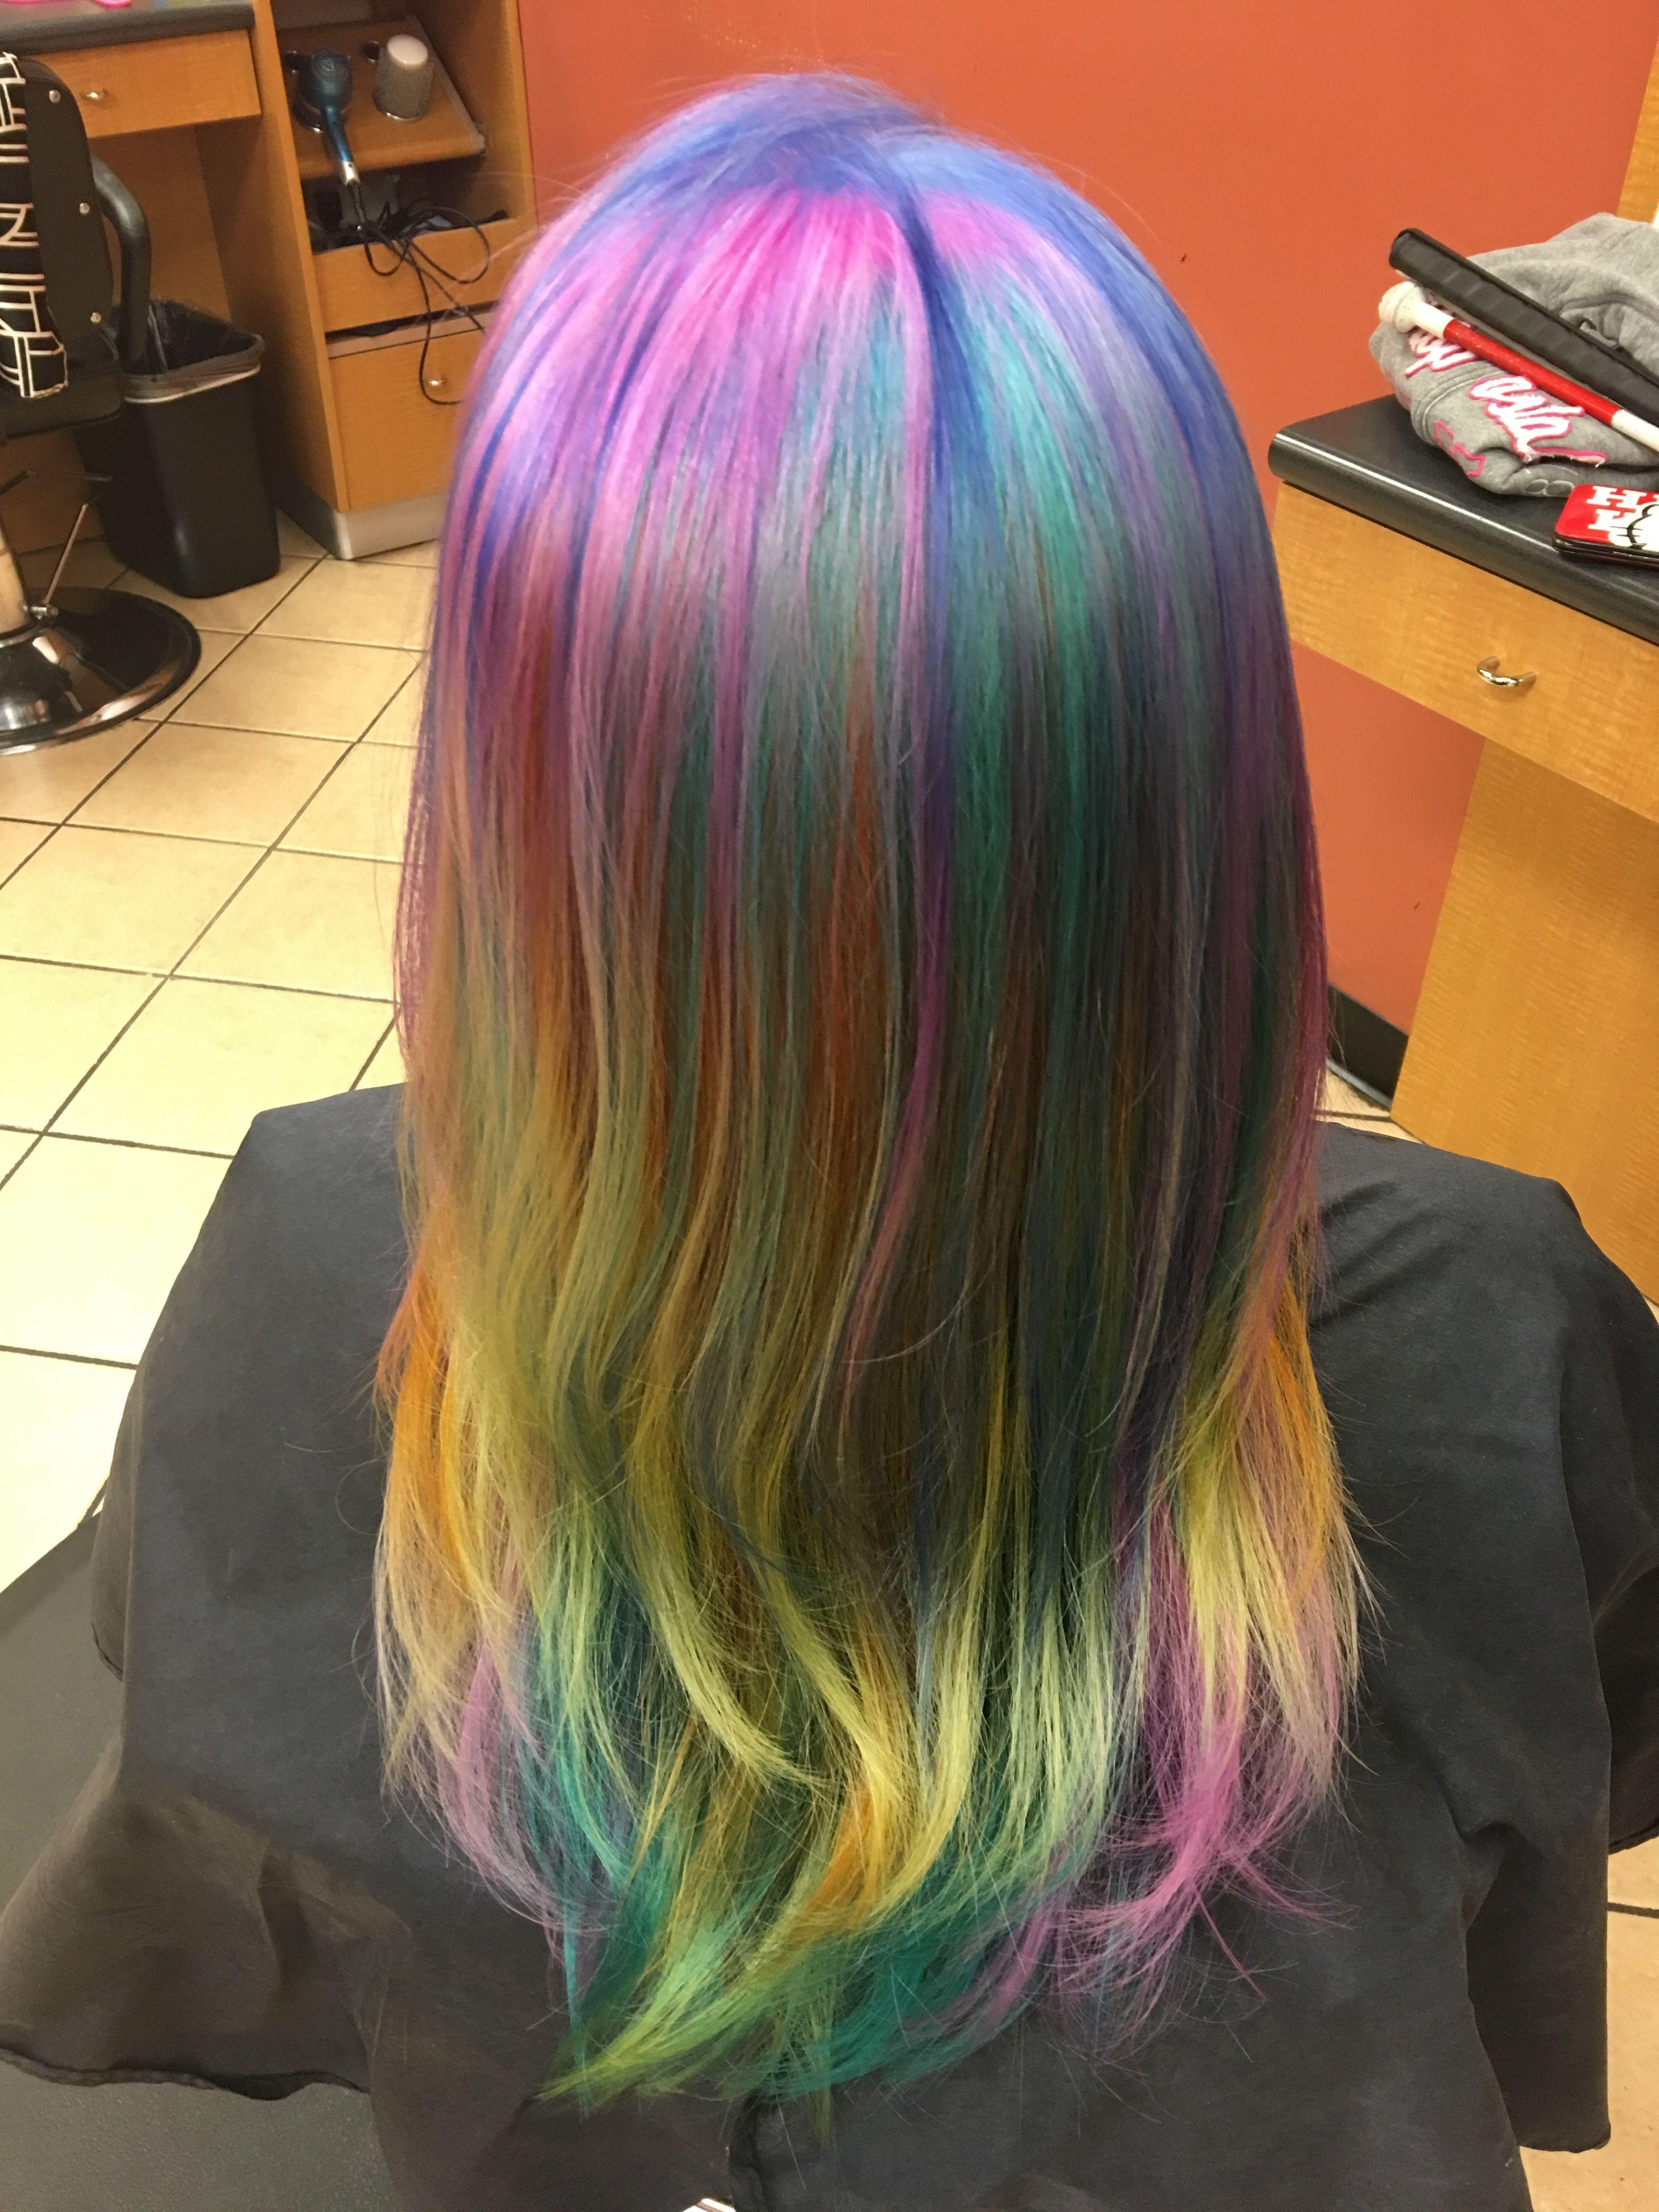 Rainbow hair and color melting tigi colour trip in blue violet rainbow hair and color melting tigi colour trip in blue violet green nvjuhfo Choice Image